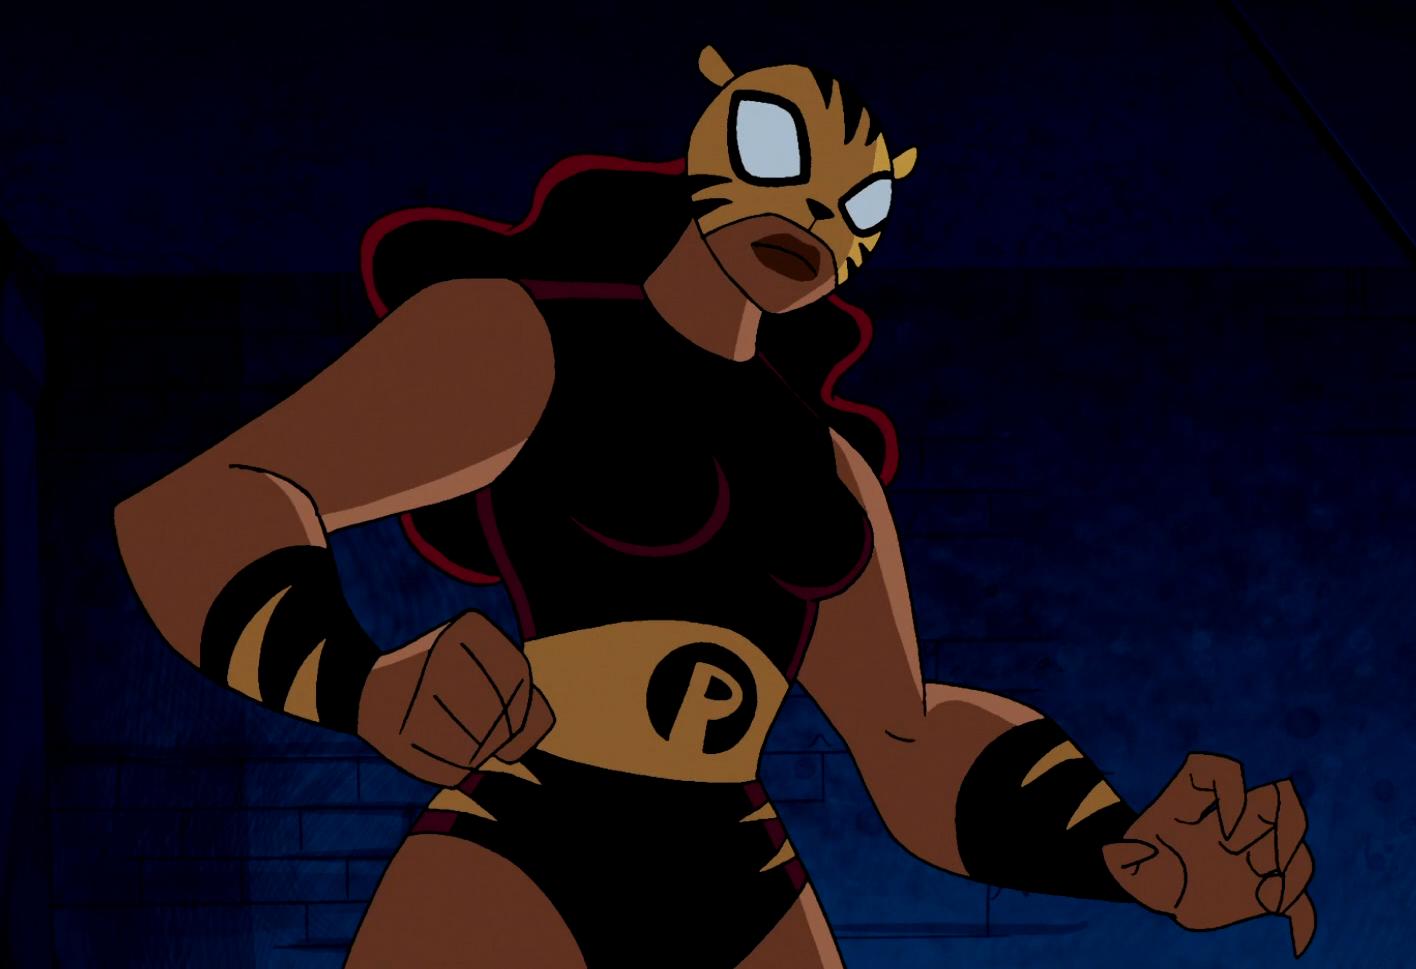 File:Pantha Teen Titans 001.png